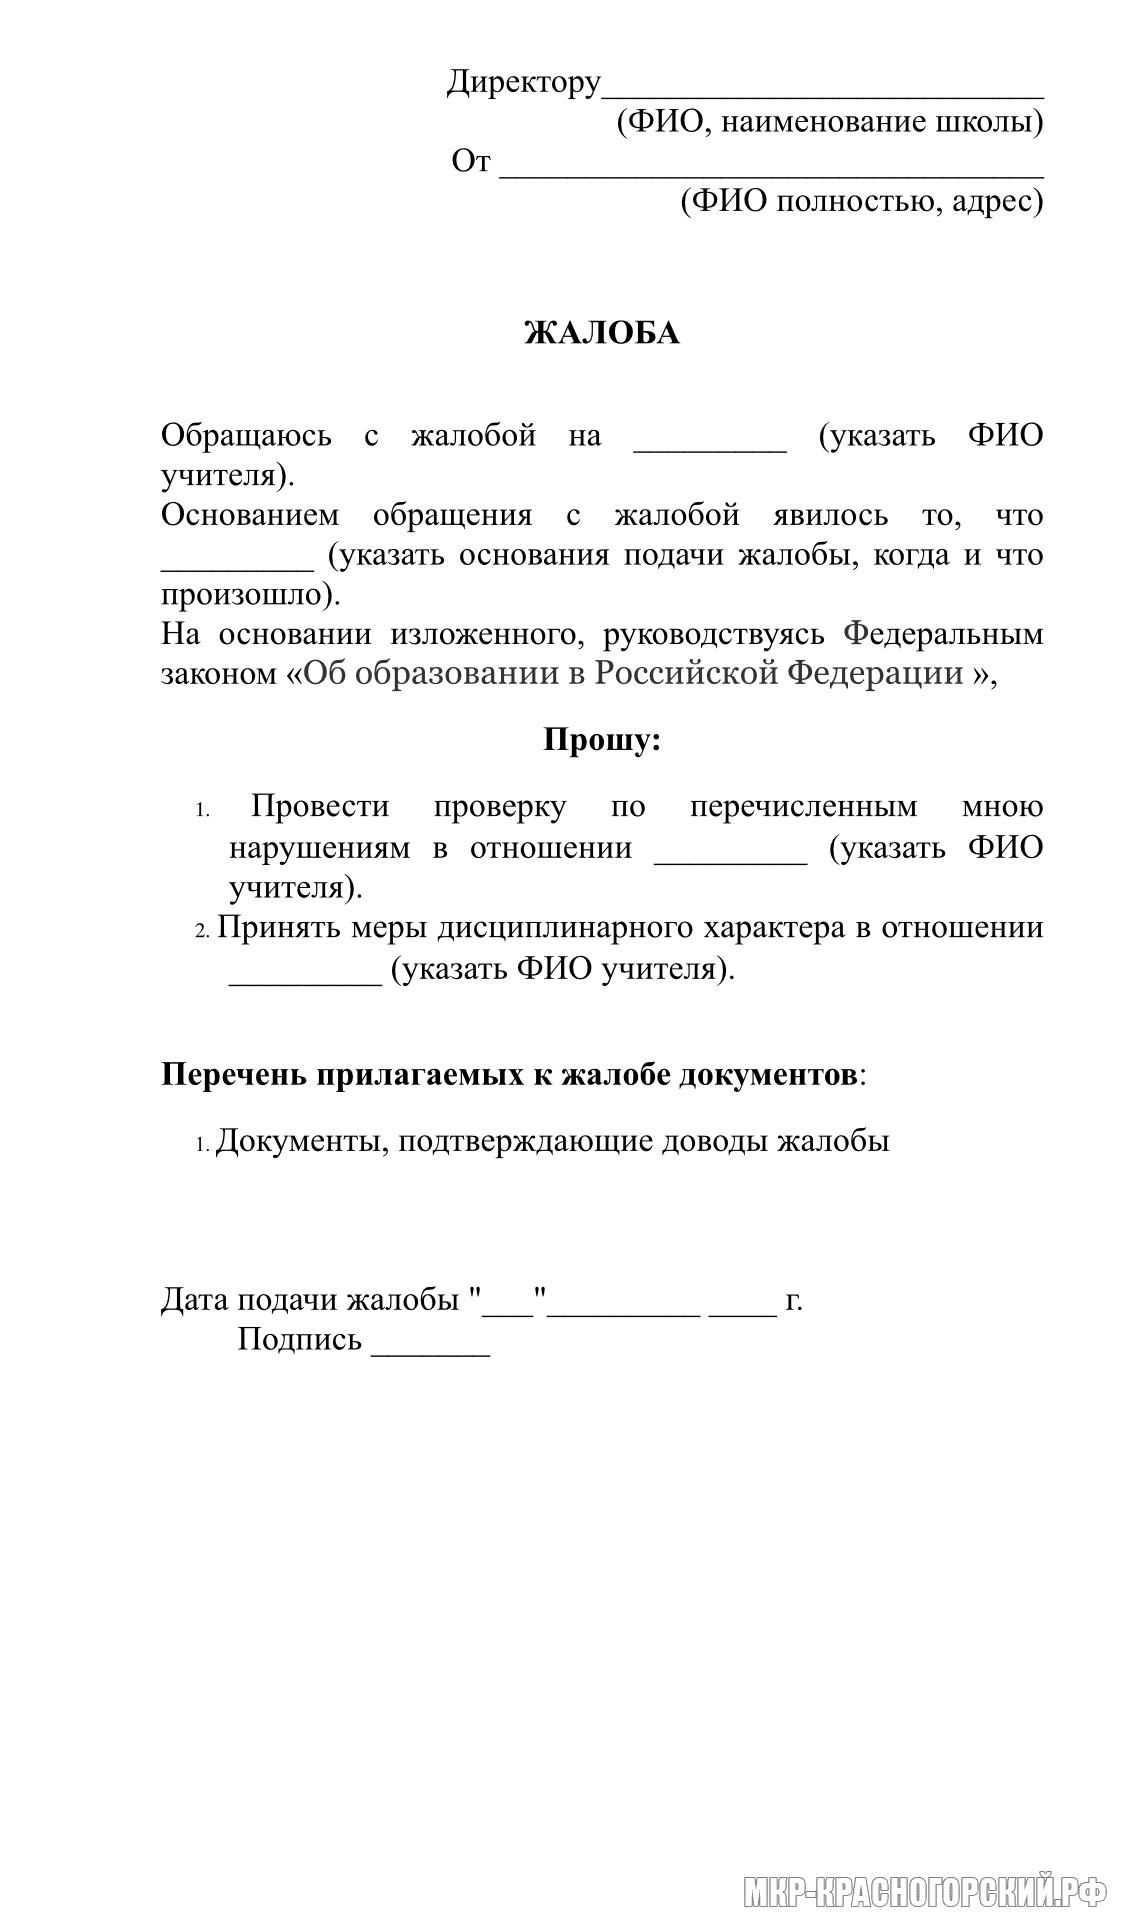 DA222101-F10C-4437-8596-E71A2084F8F8.jpeg